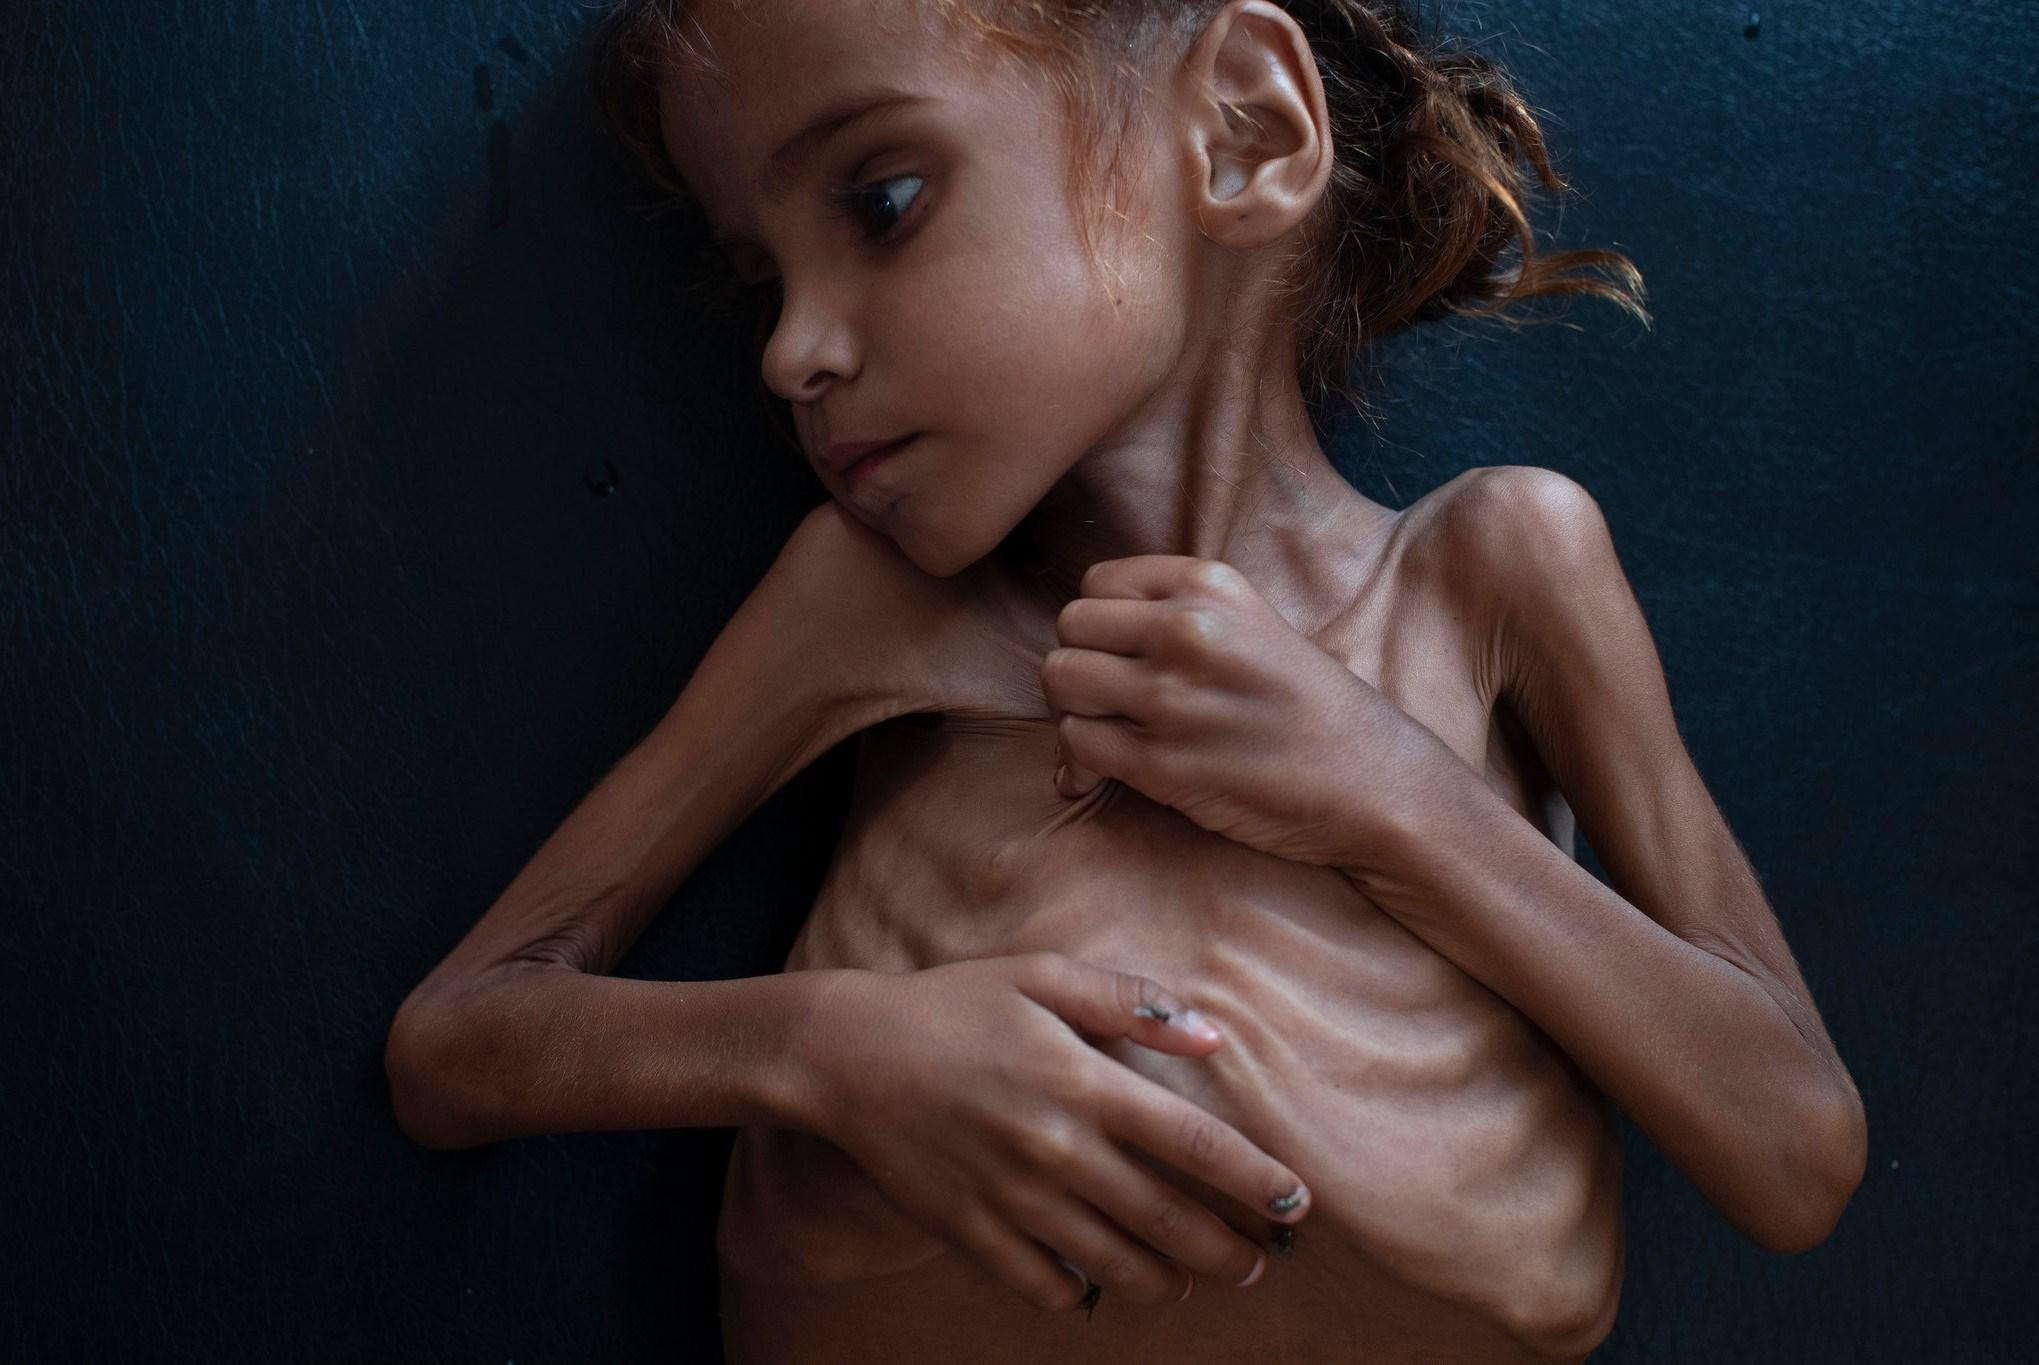 عرجت روح أمل إلى بارئها لتكون سفيراً لكل أولئك الأطفال اليمنيين الذين يُذبحون كل يوم